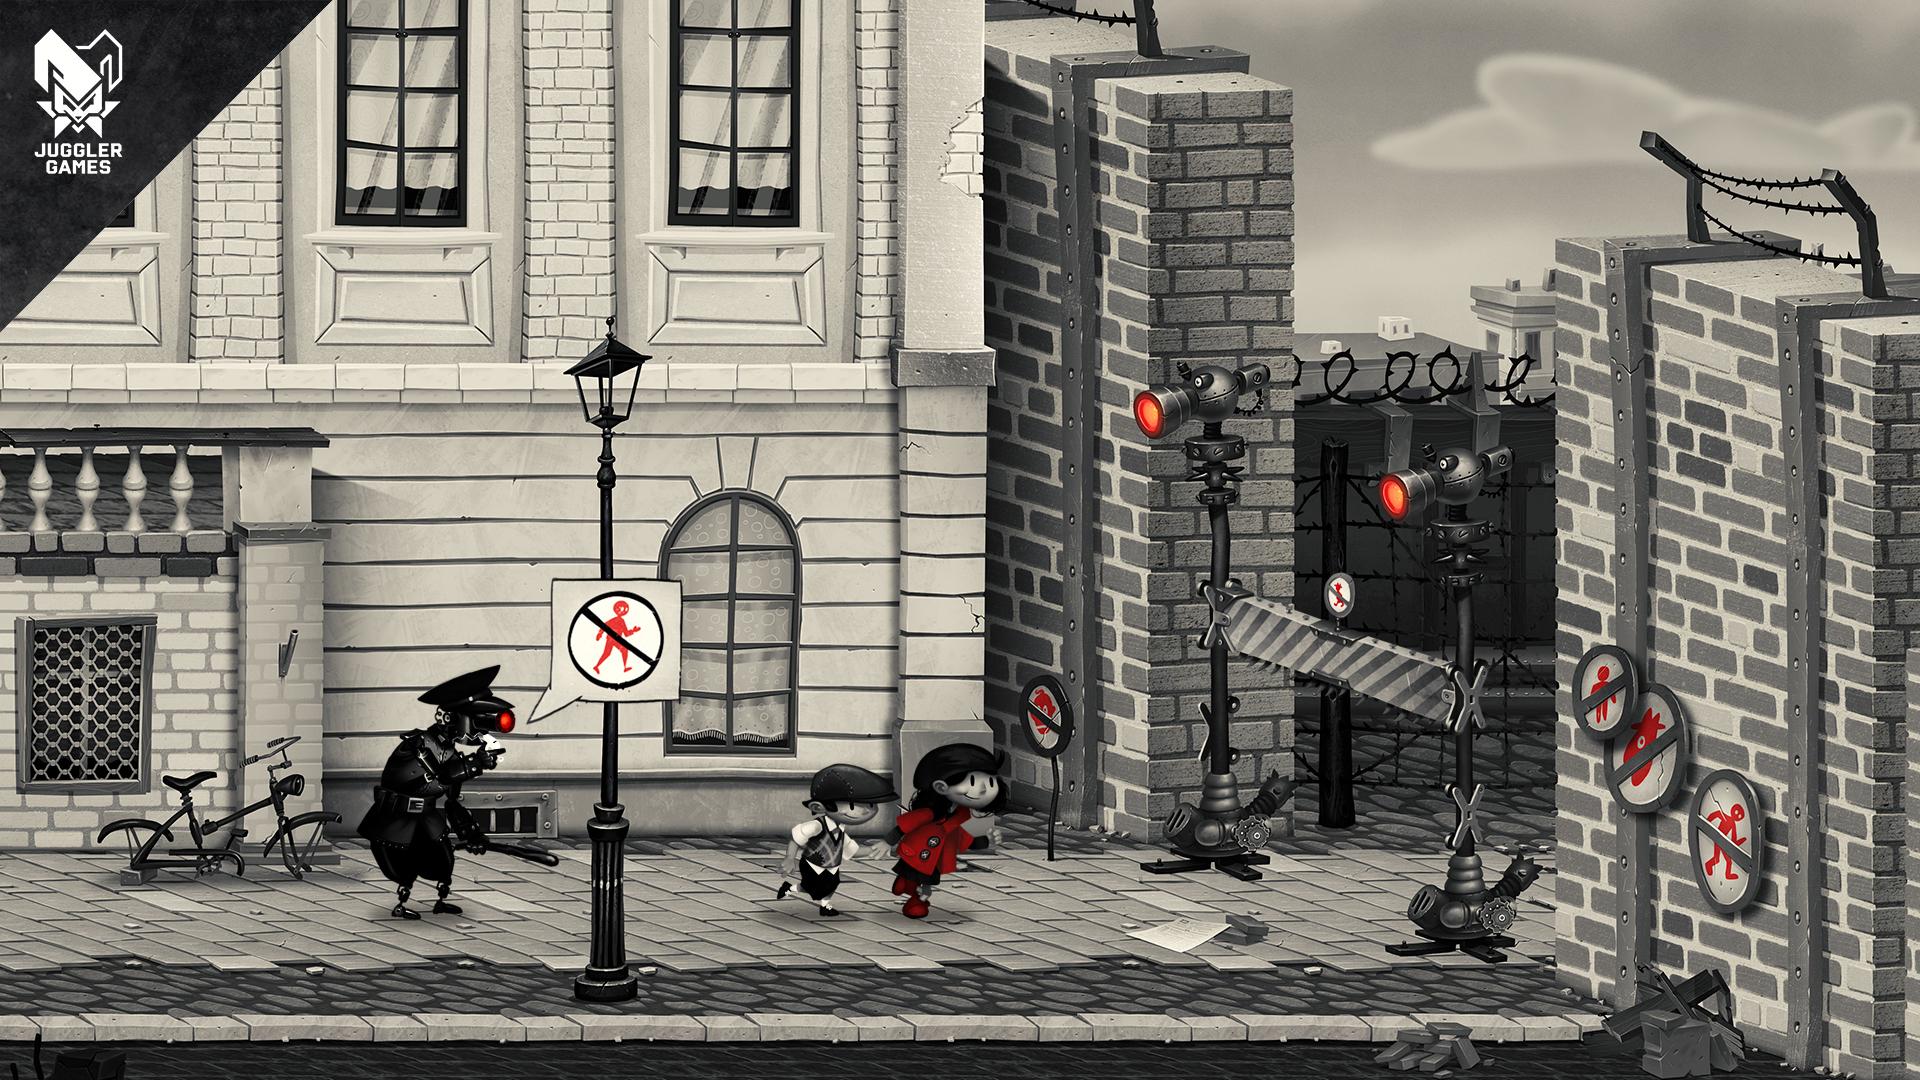 Nonostante Juggler Games abbia preferito abbracciare una dimensione narrativa universale, nel gioco i riferimenti al Nazismo sono più che evidenti.